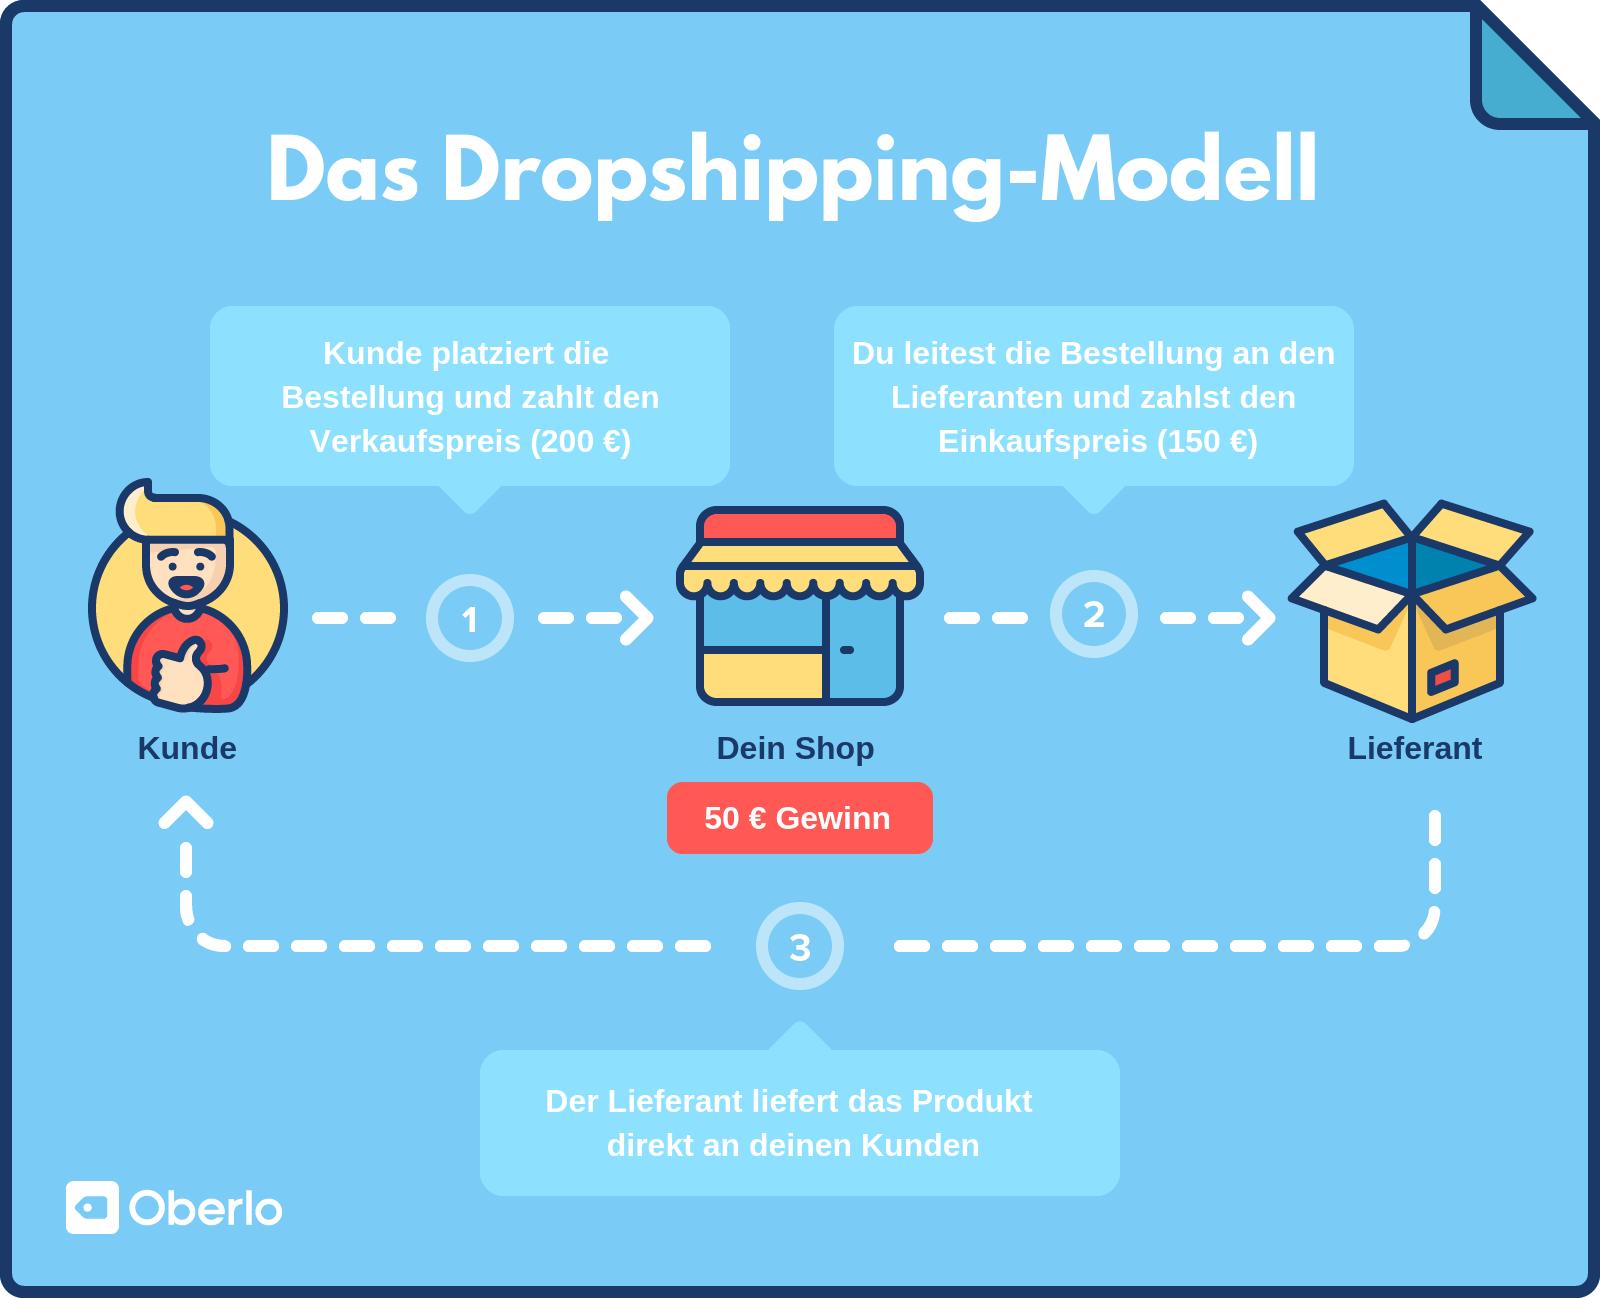 Das Dropshipping-Modell